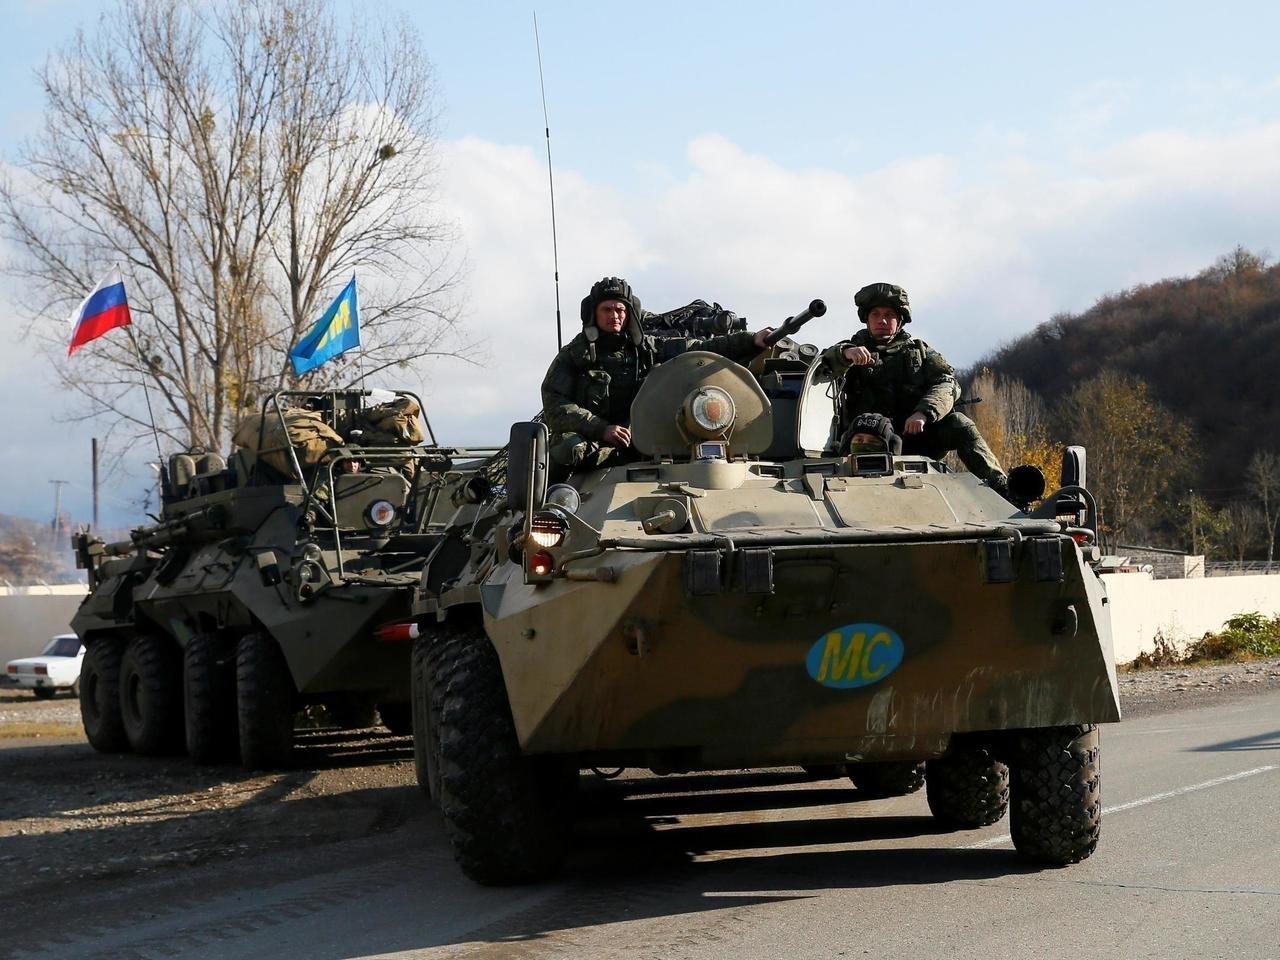 Bất chấp Nga phản đối, Thổ Nhĩ Kỳ vẫn gửi quân đến Azerbaijan